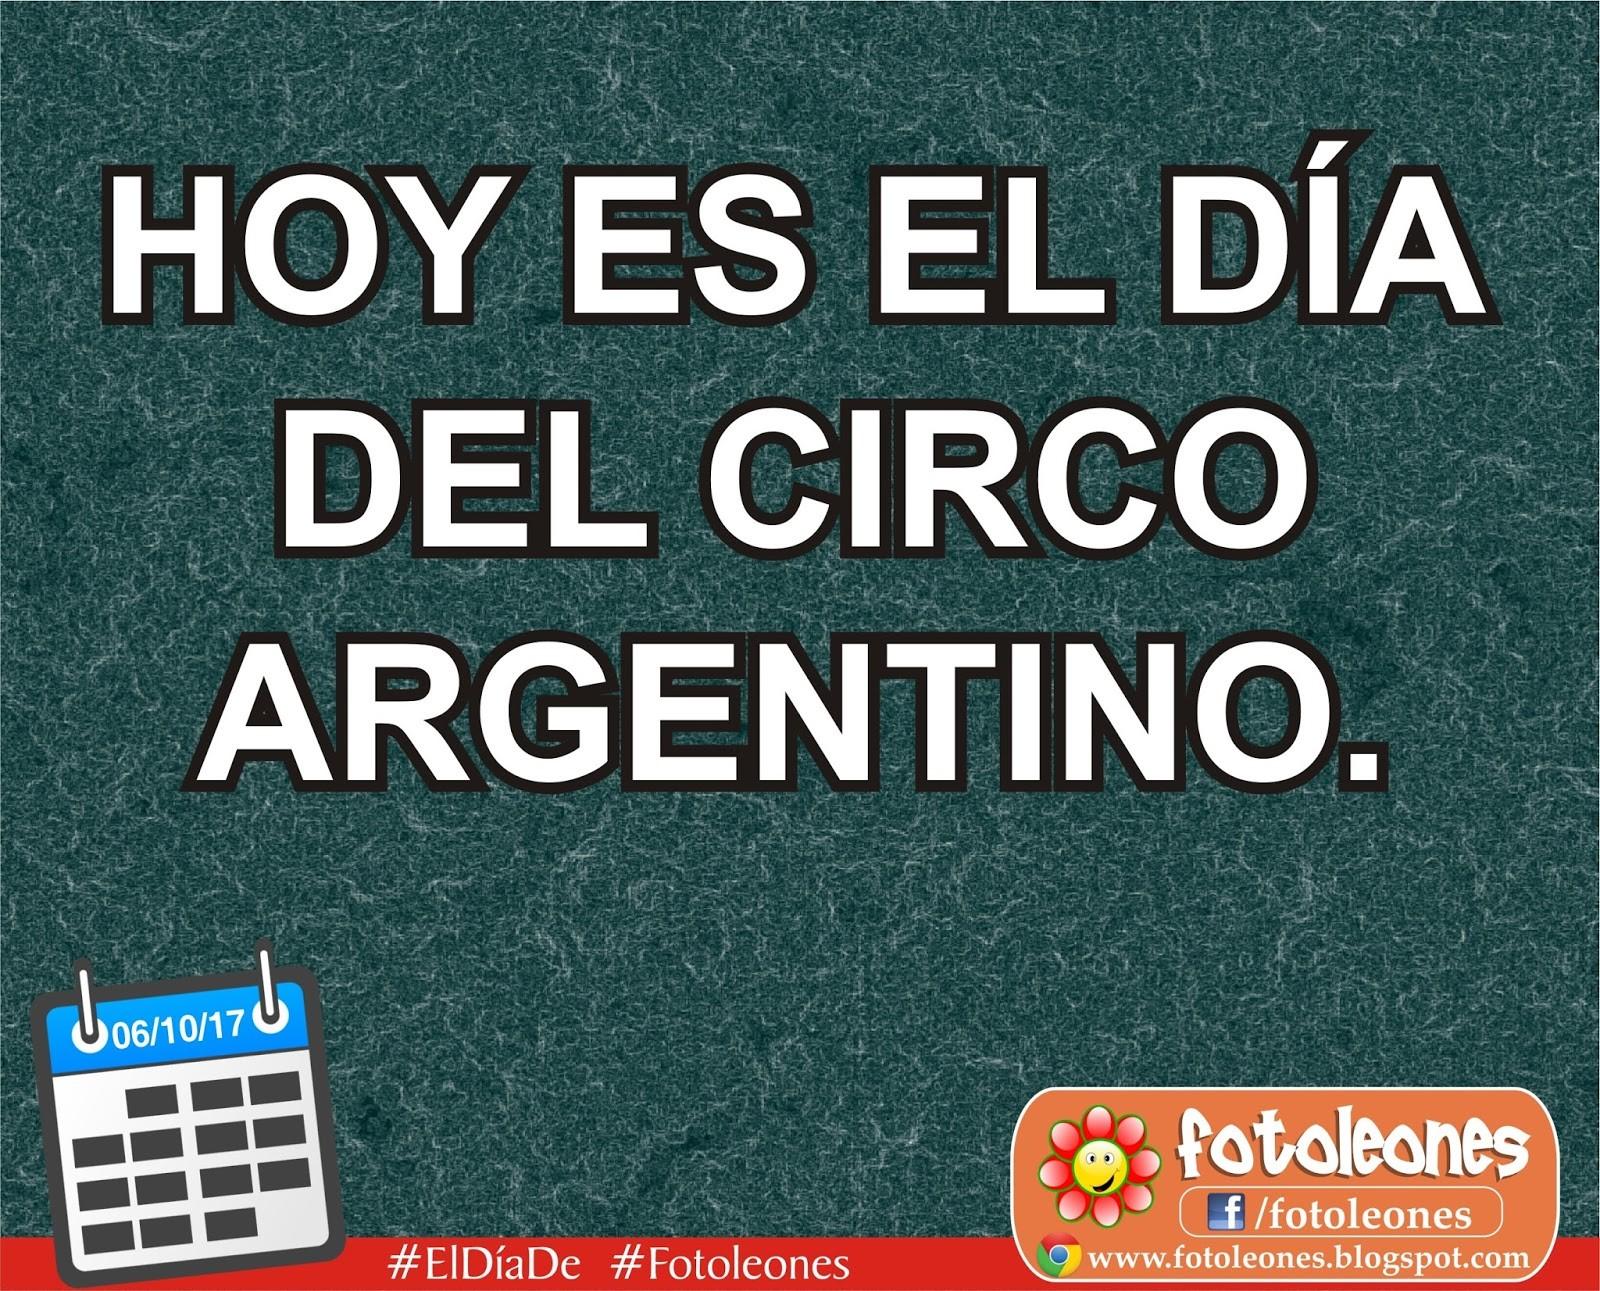 Calendario 2019 Argentina Oficial Para Imprimir Más Reciente Fotoleones Of Calendario 2019 Argentina Oficial Para Imprimir Más Recientes Universidad Nacional De Tierra Del Fuego